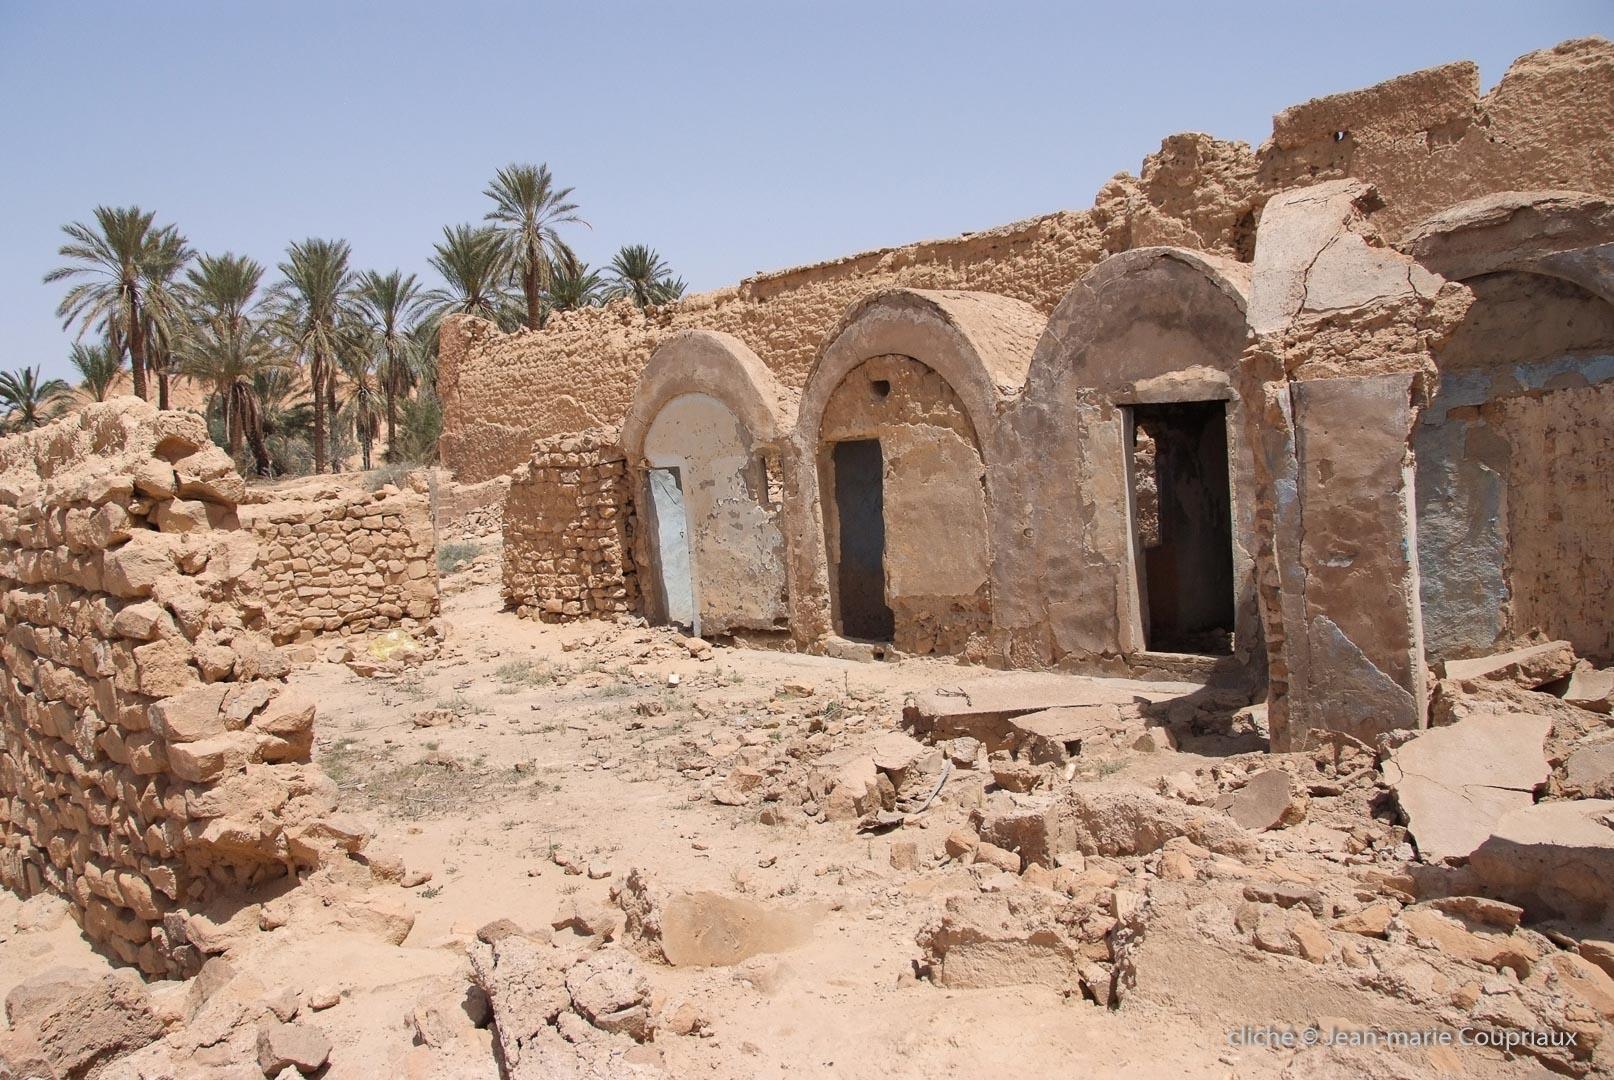 802-2011_Algerie-641